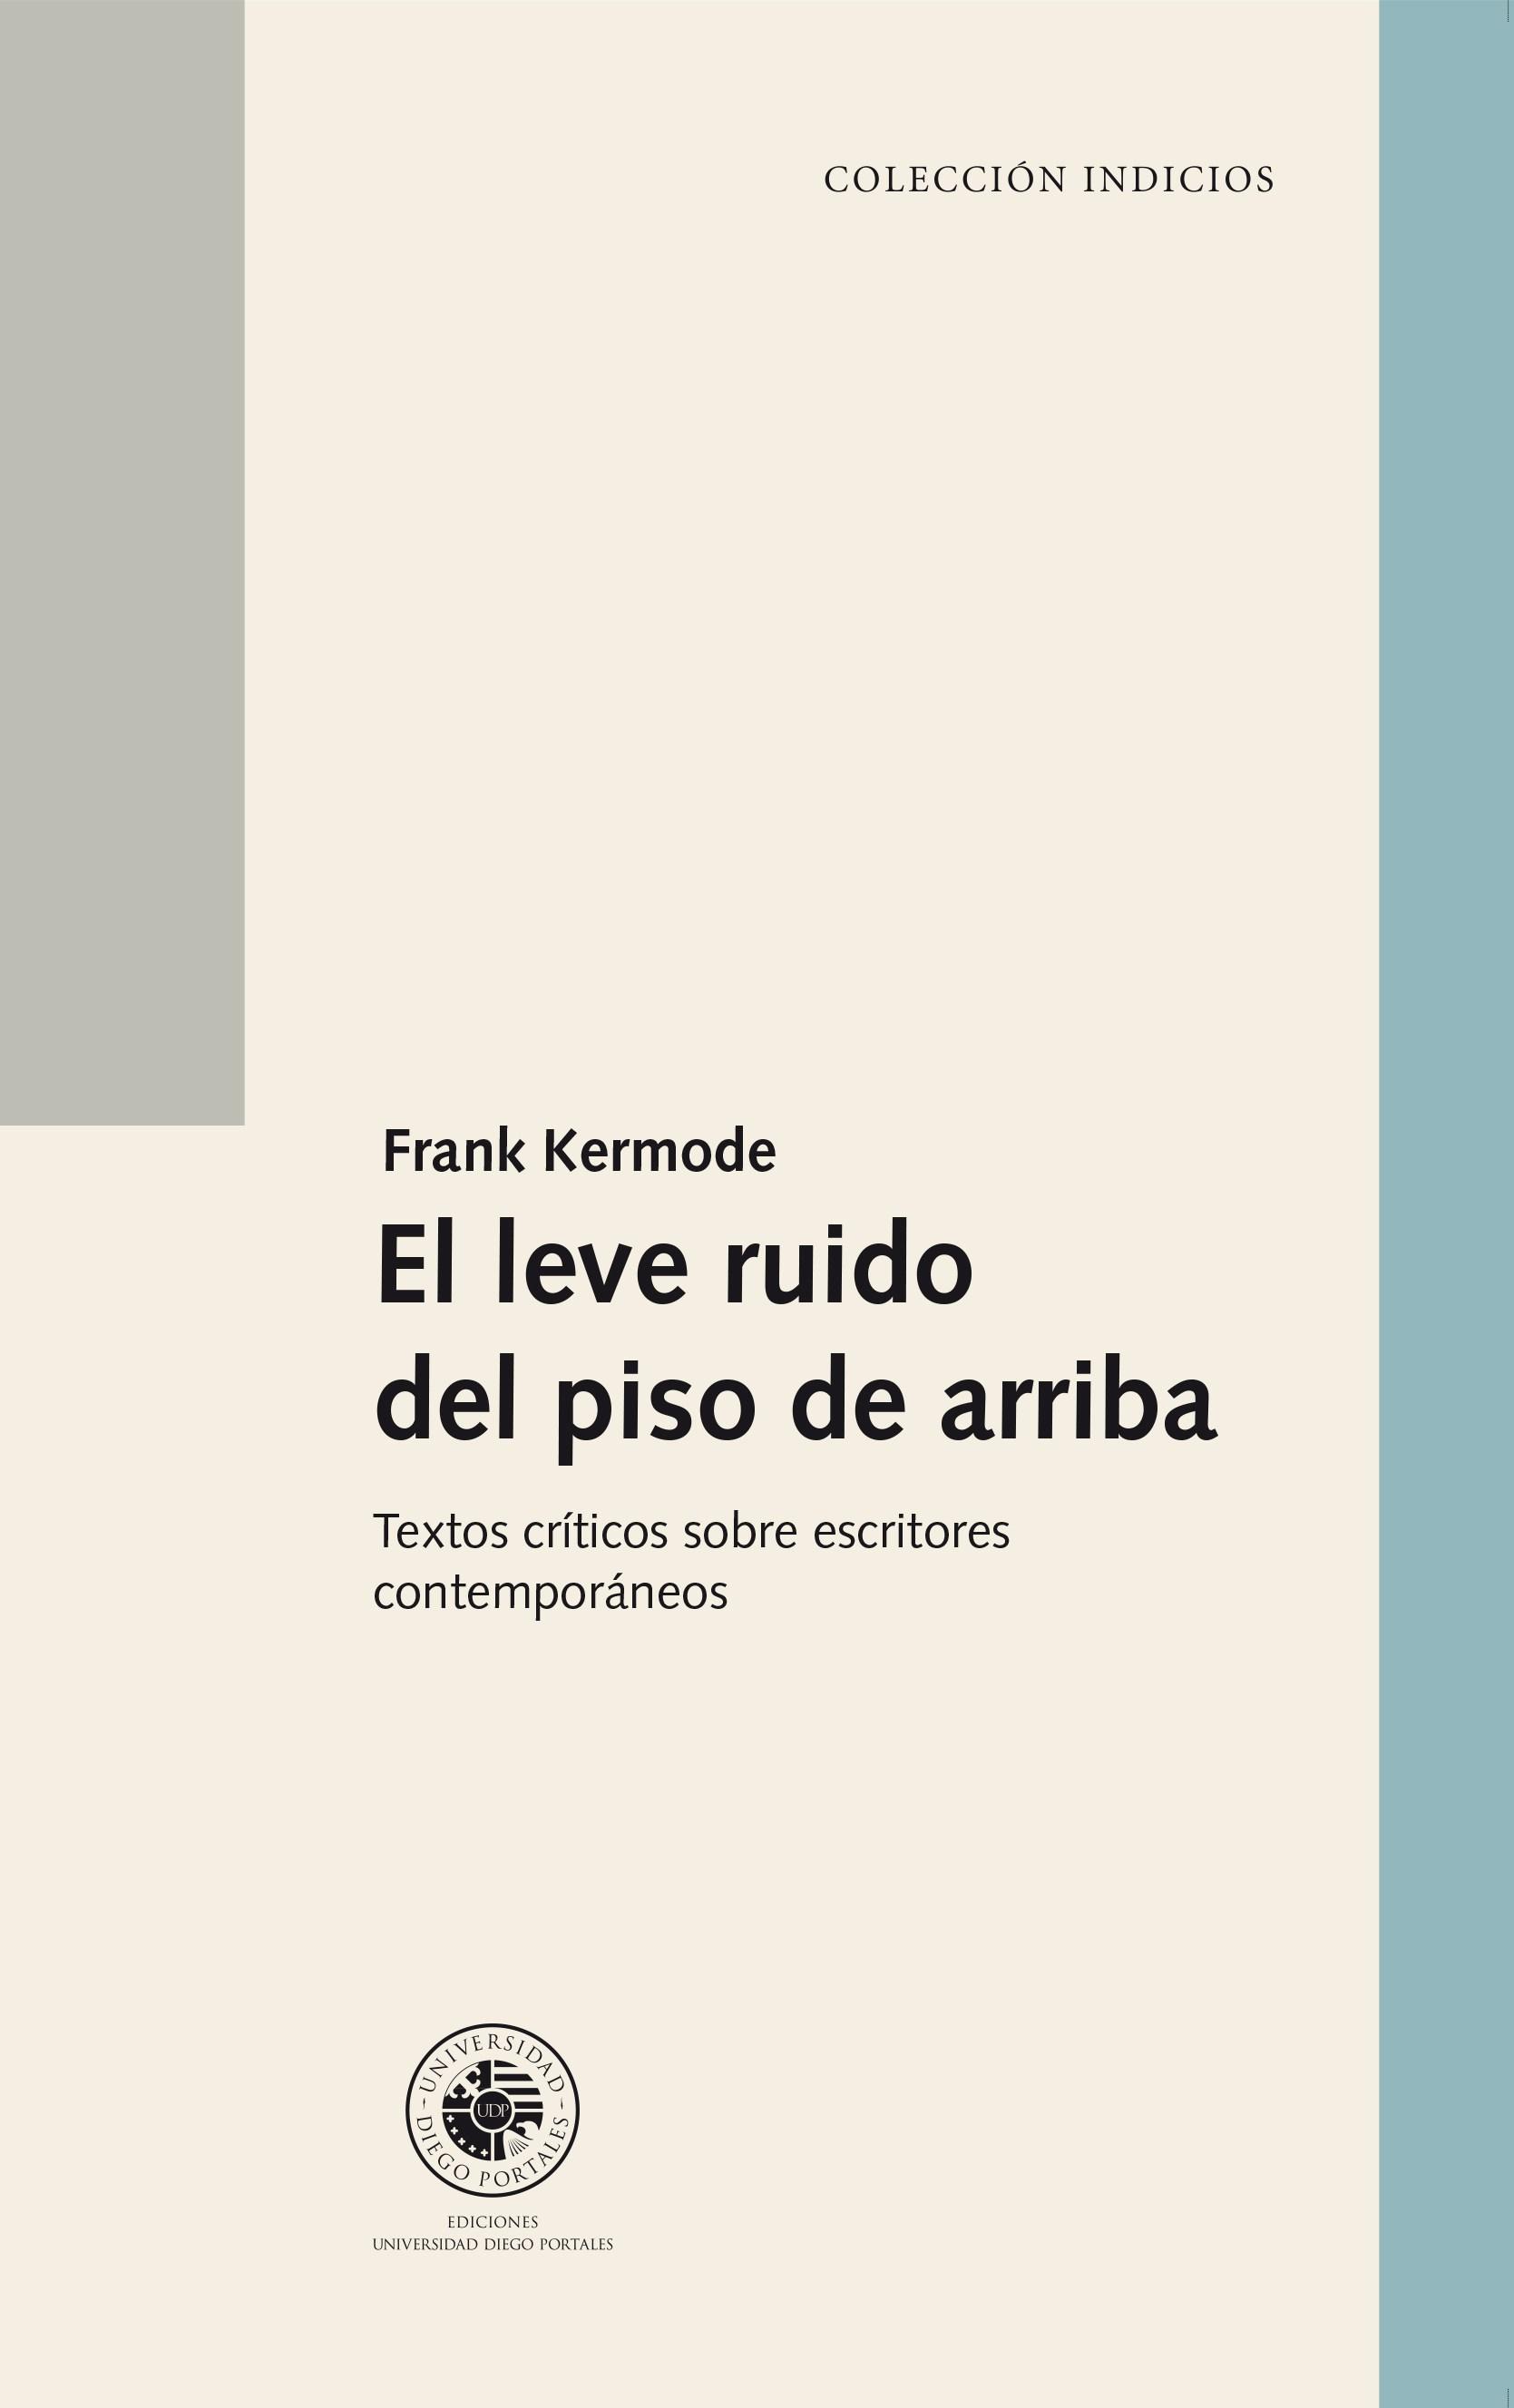 Kermode, Frank (2014). El leve ruido del piso de arriba. Textos críticos sobre escritores contemporáneos. Ediciones UDP.